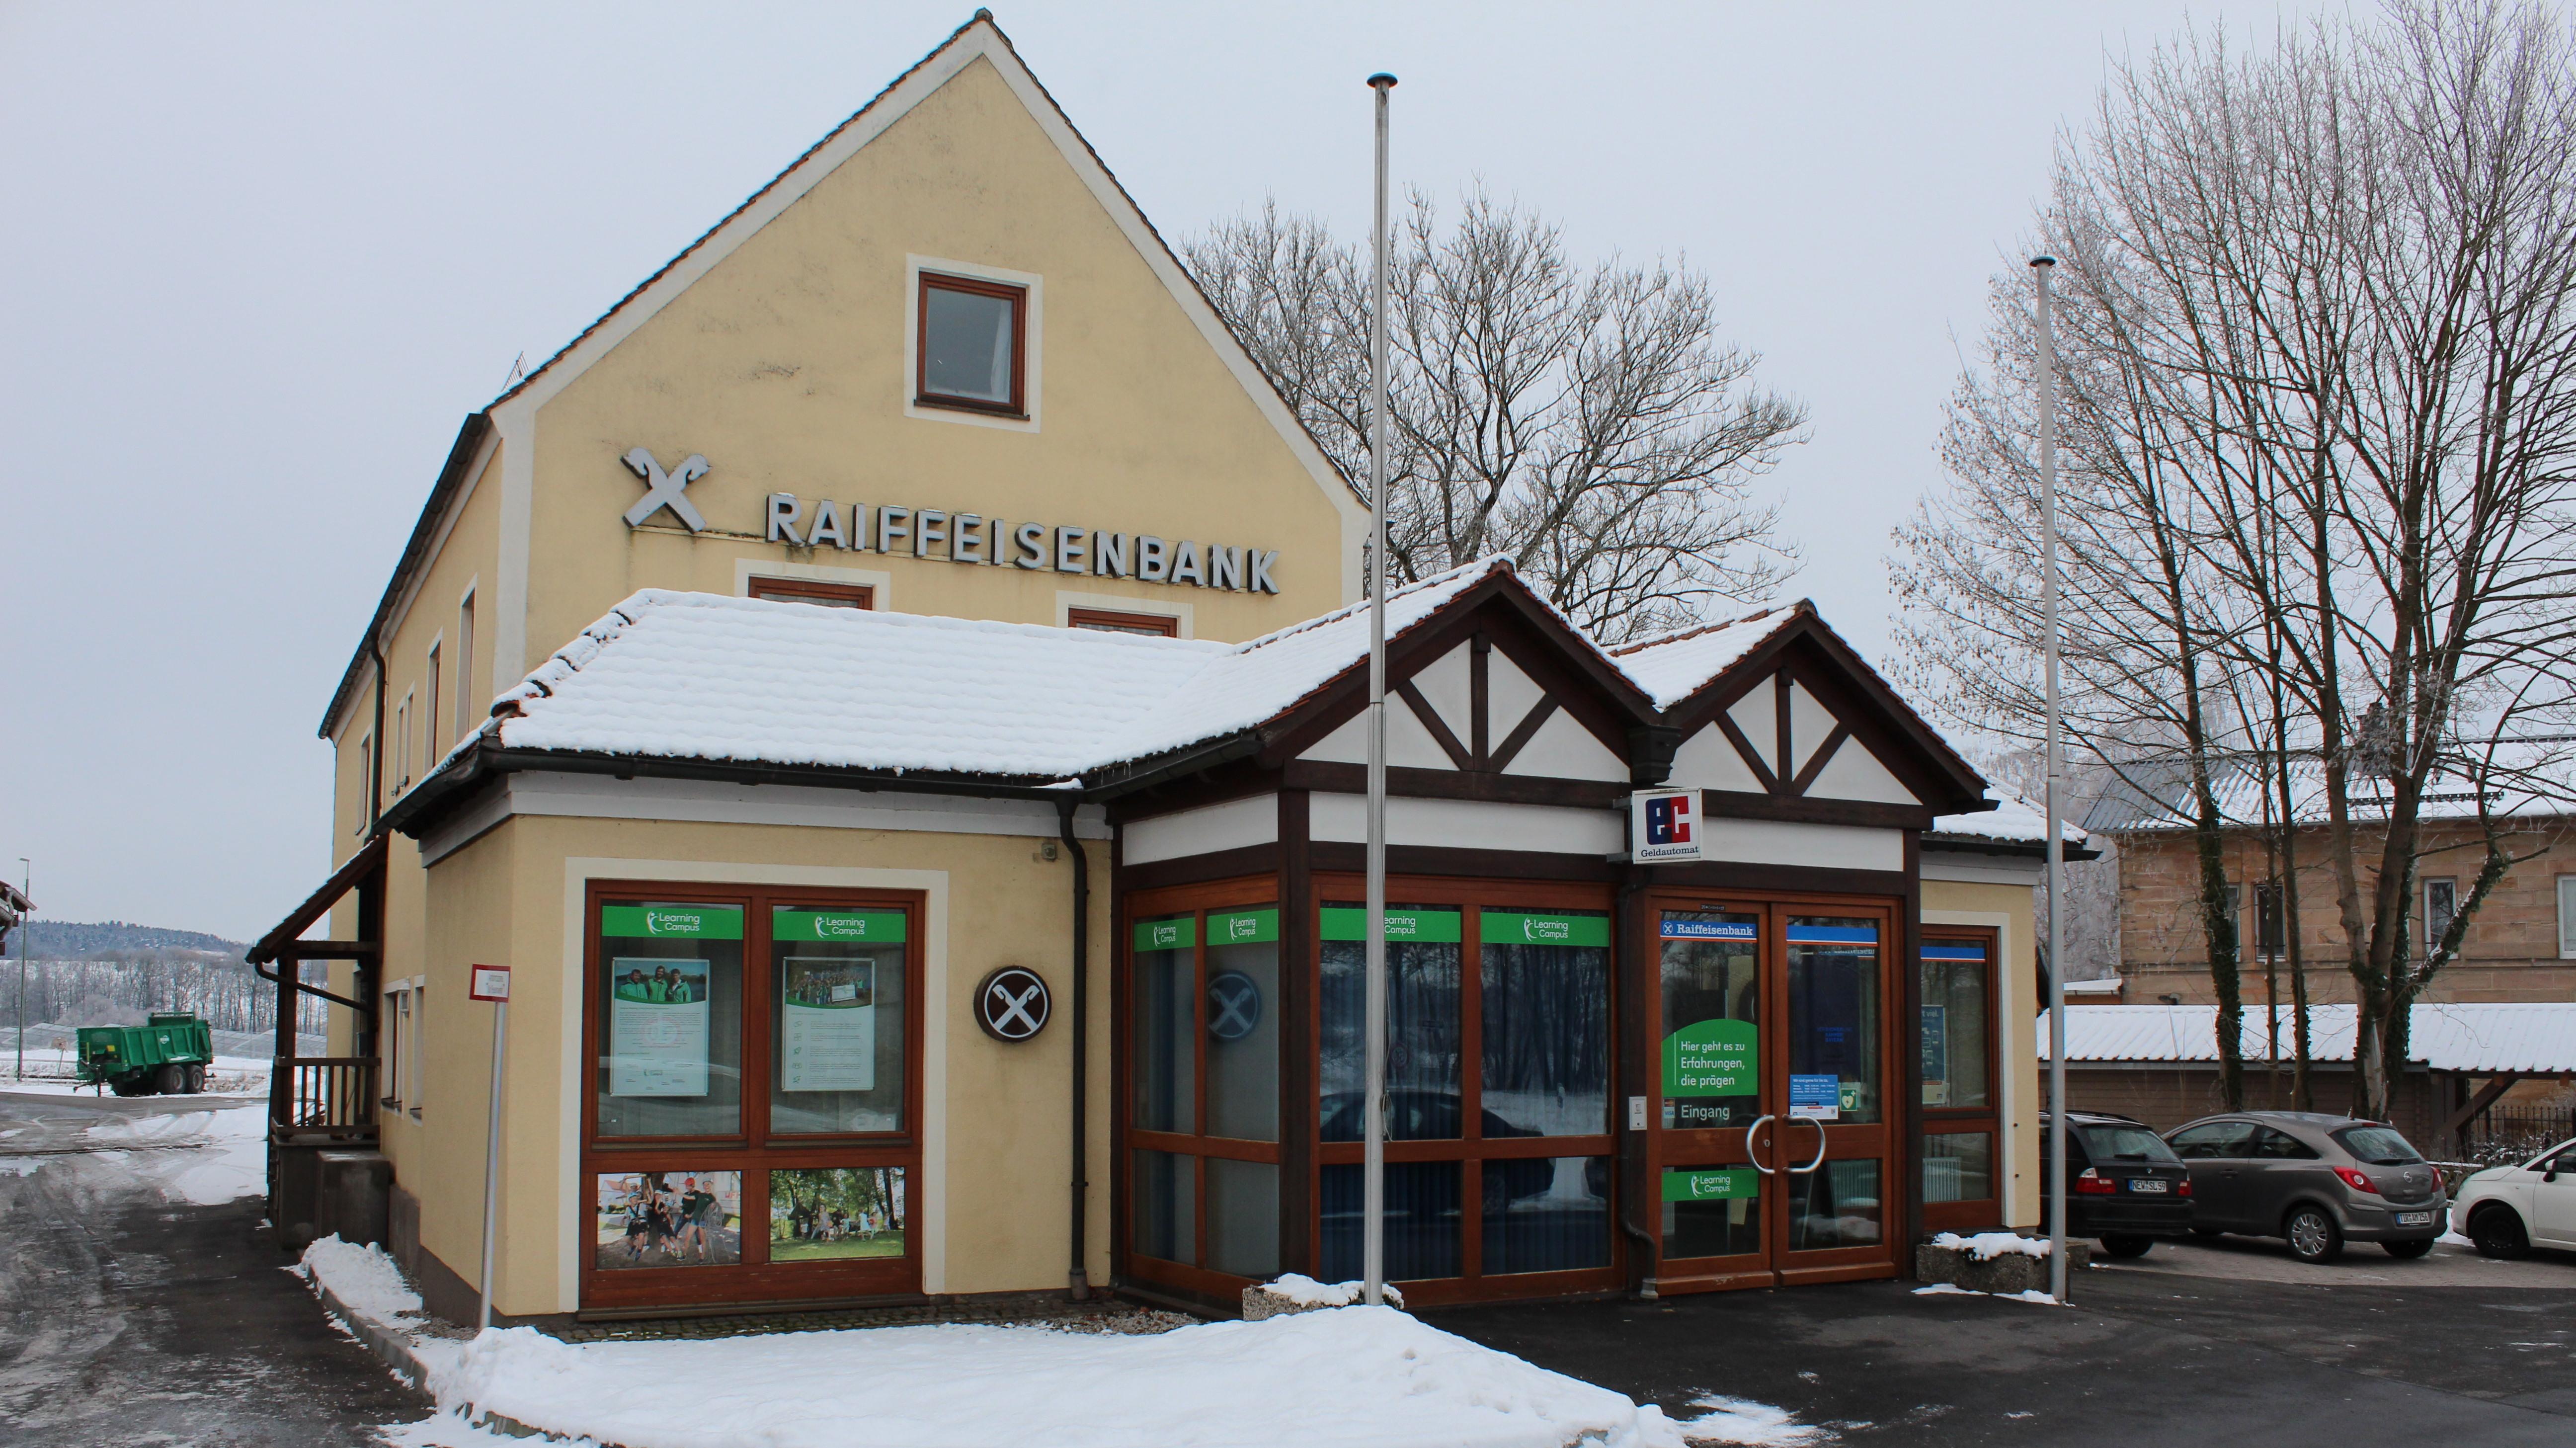 Raiffeisenbank in Trabitz